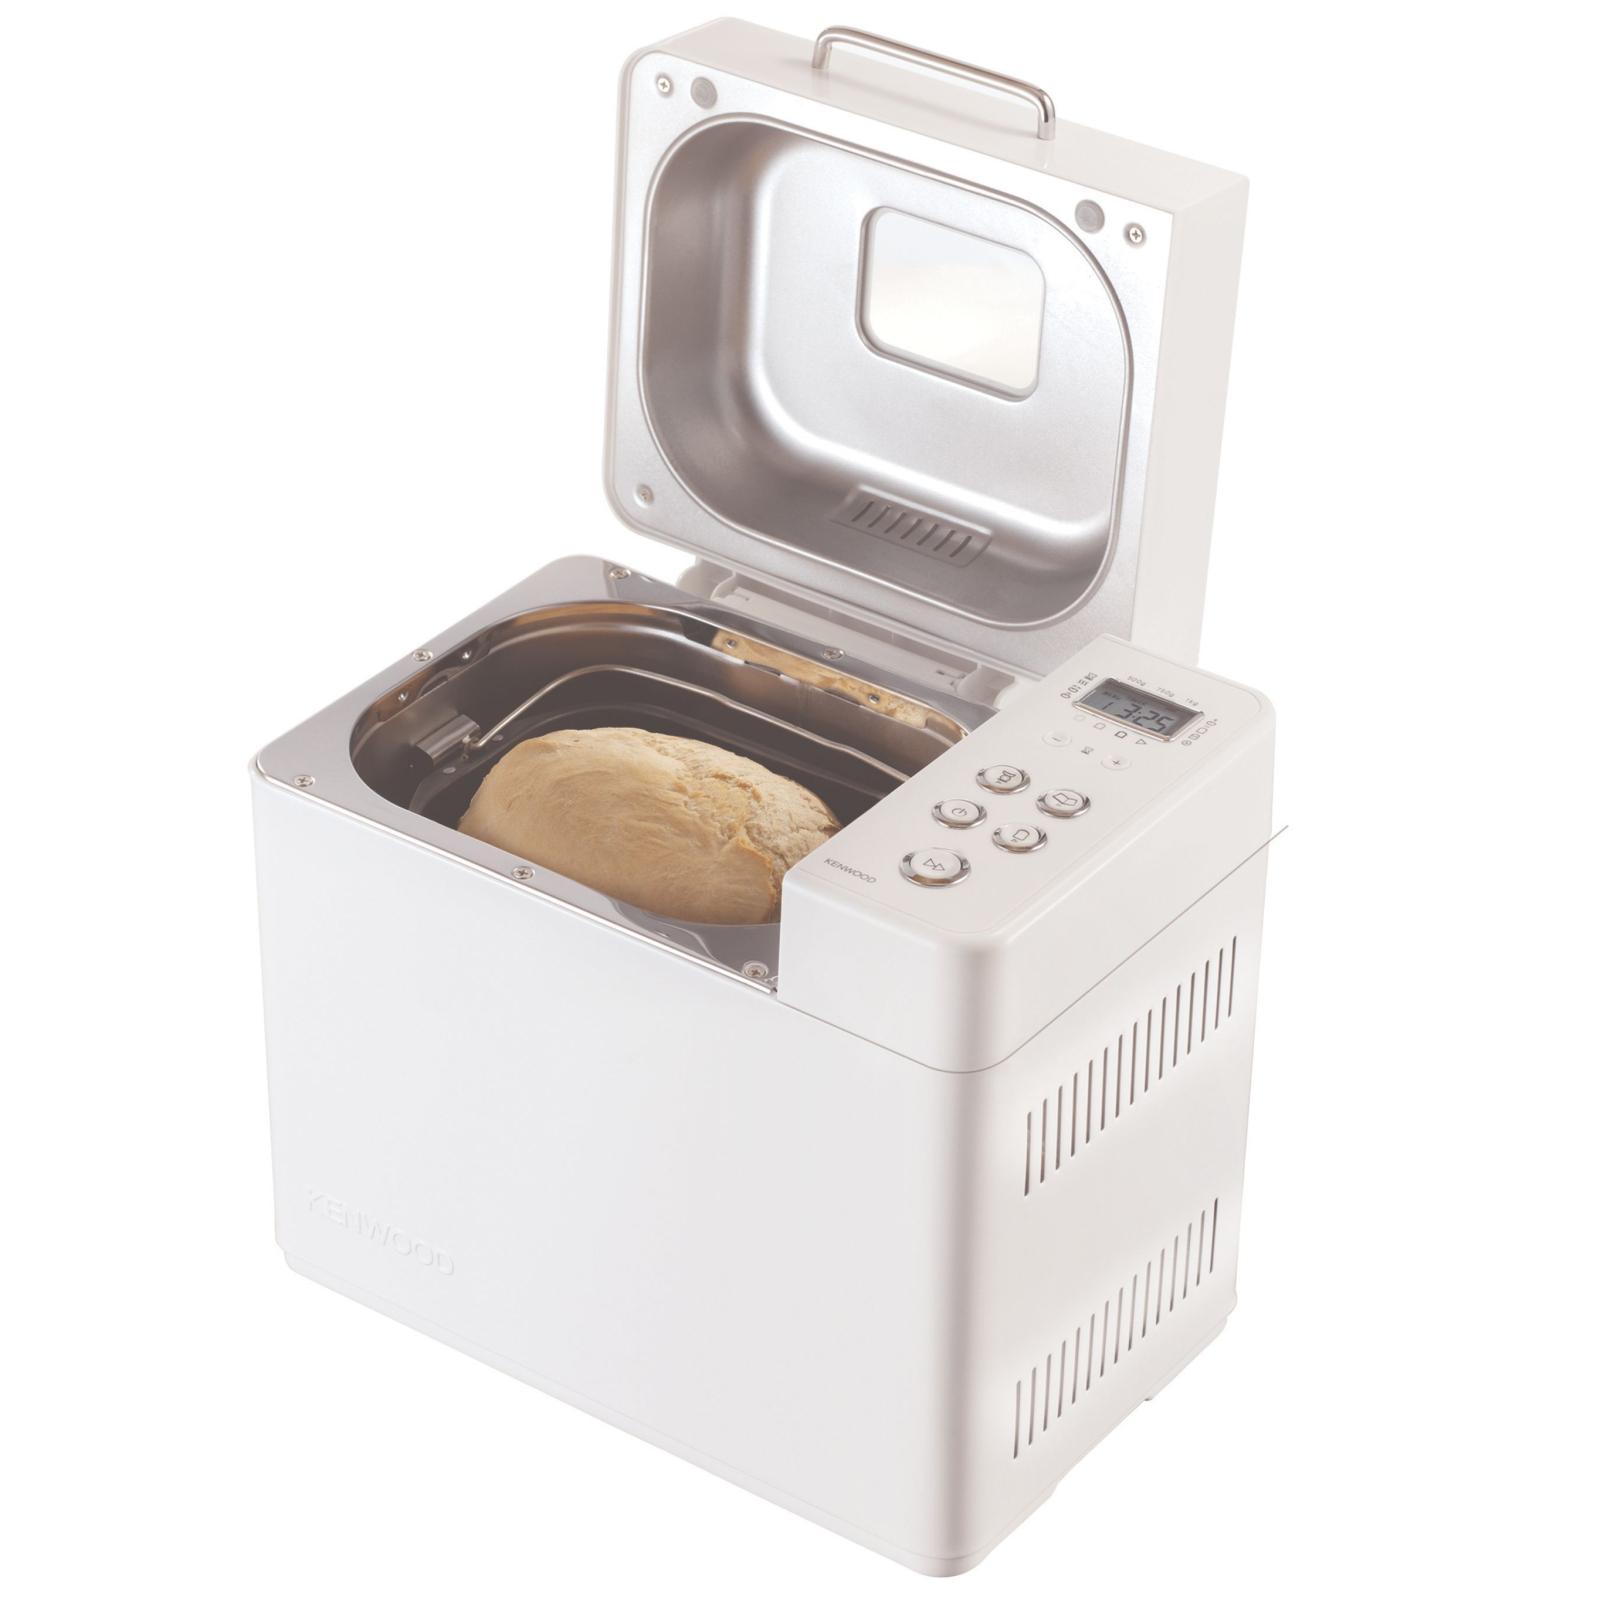 Хлебопечь KENWOOD BM 250 изображение 3